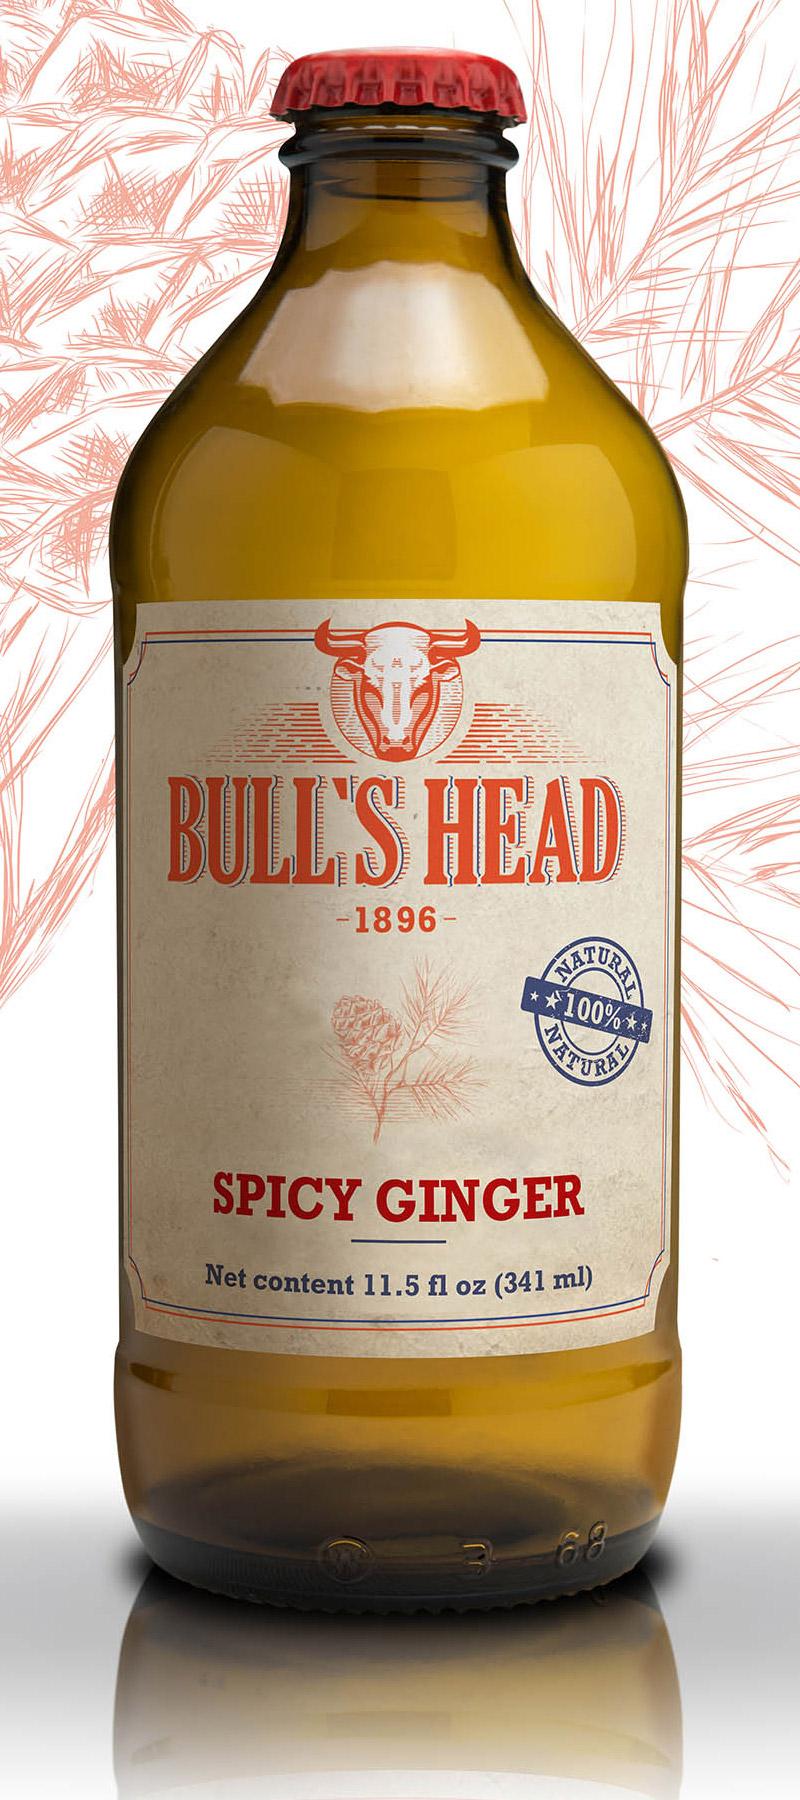 Bière Épinette Gingembre  341 mL*_*Ginger Spruce Beer 341 mL*_*Cerveza Picea y Jengibre 341 mL